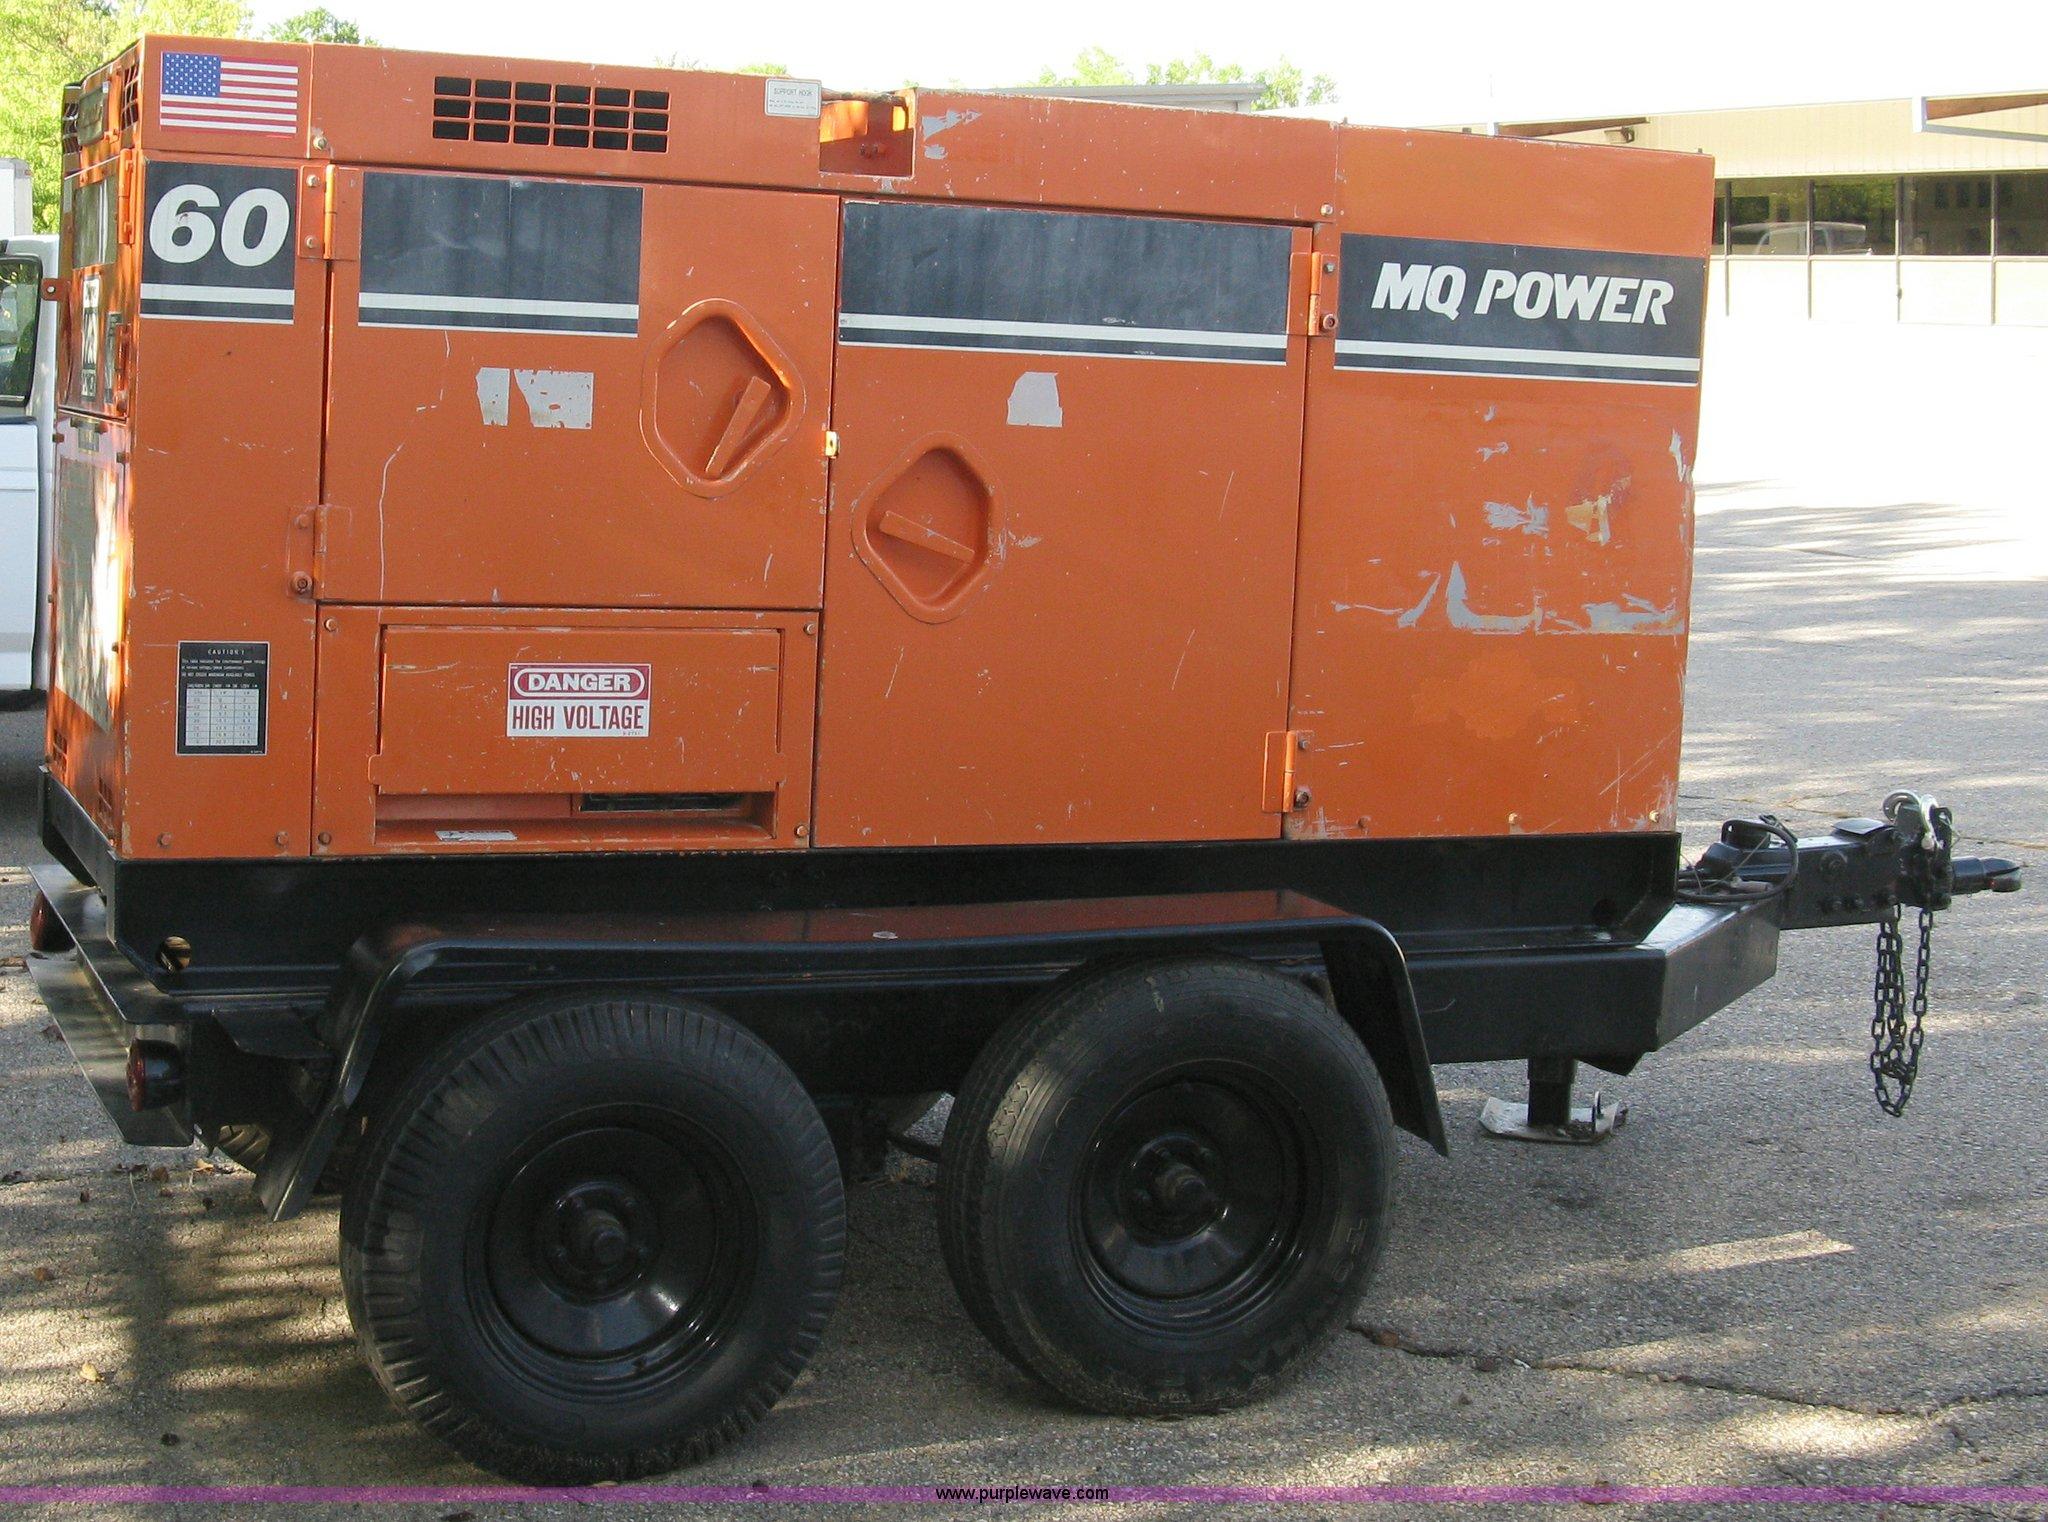 Multi Quip Whisperwatt MQ Power 60 mobile generator